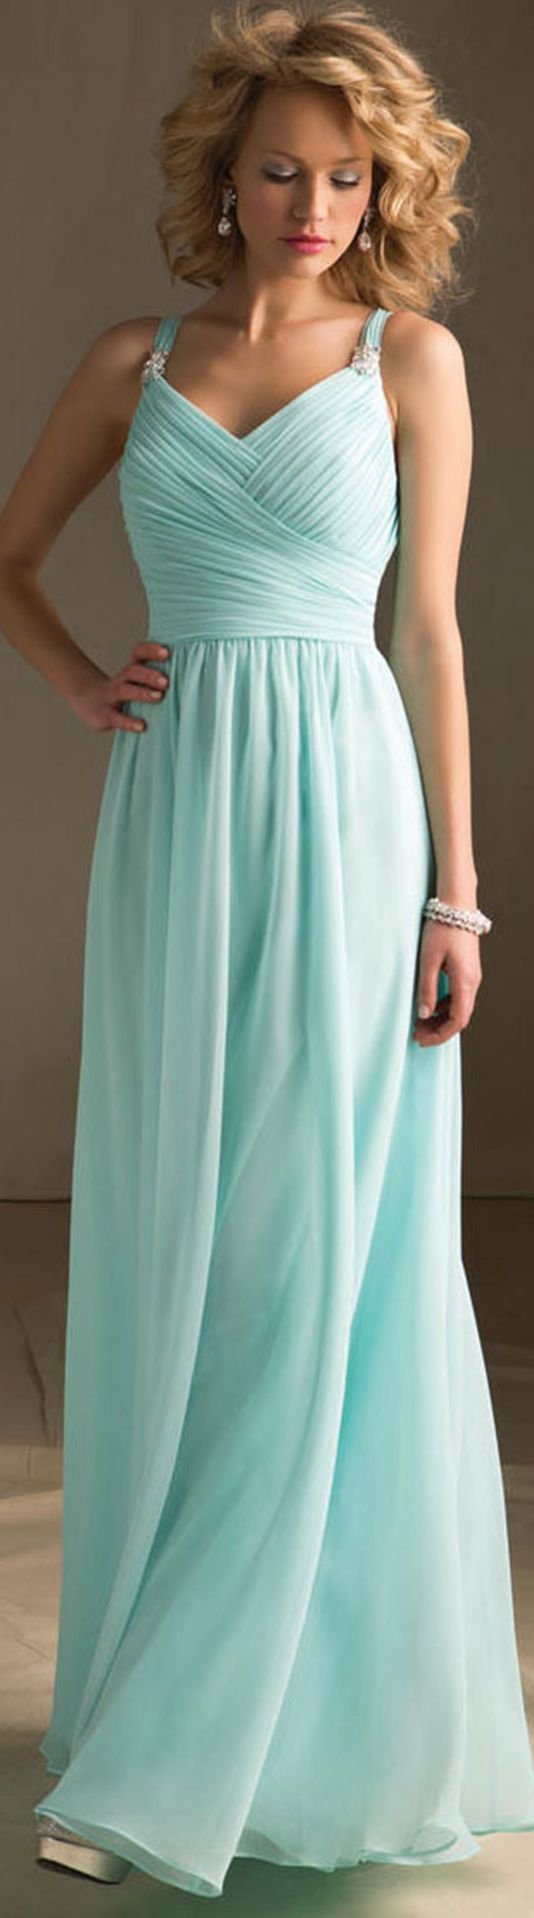 Floor-length Chiffon A-line Natural Zipper Bridesmaid Dresses